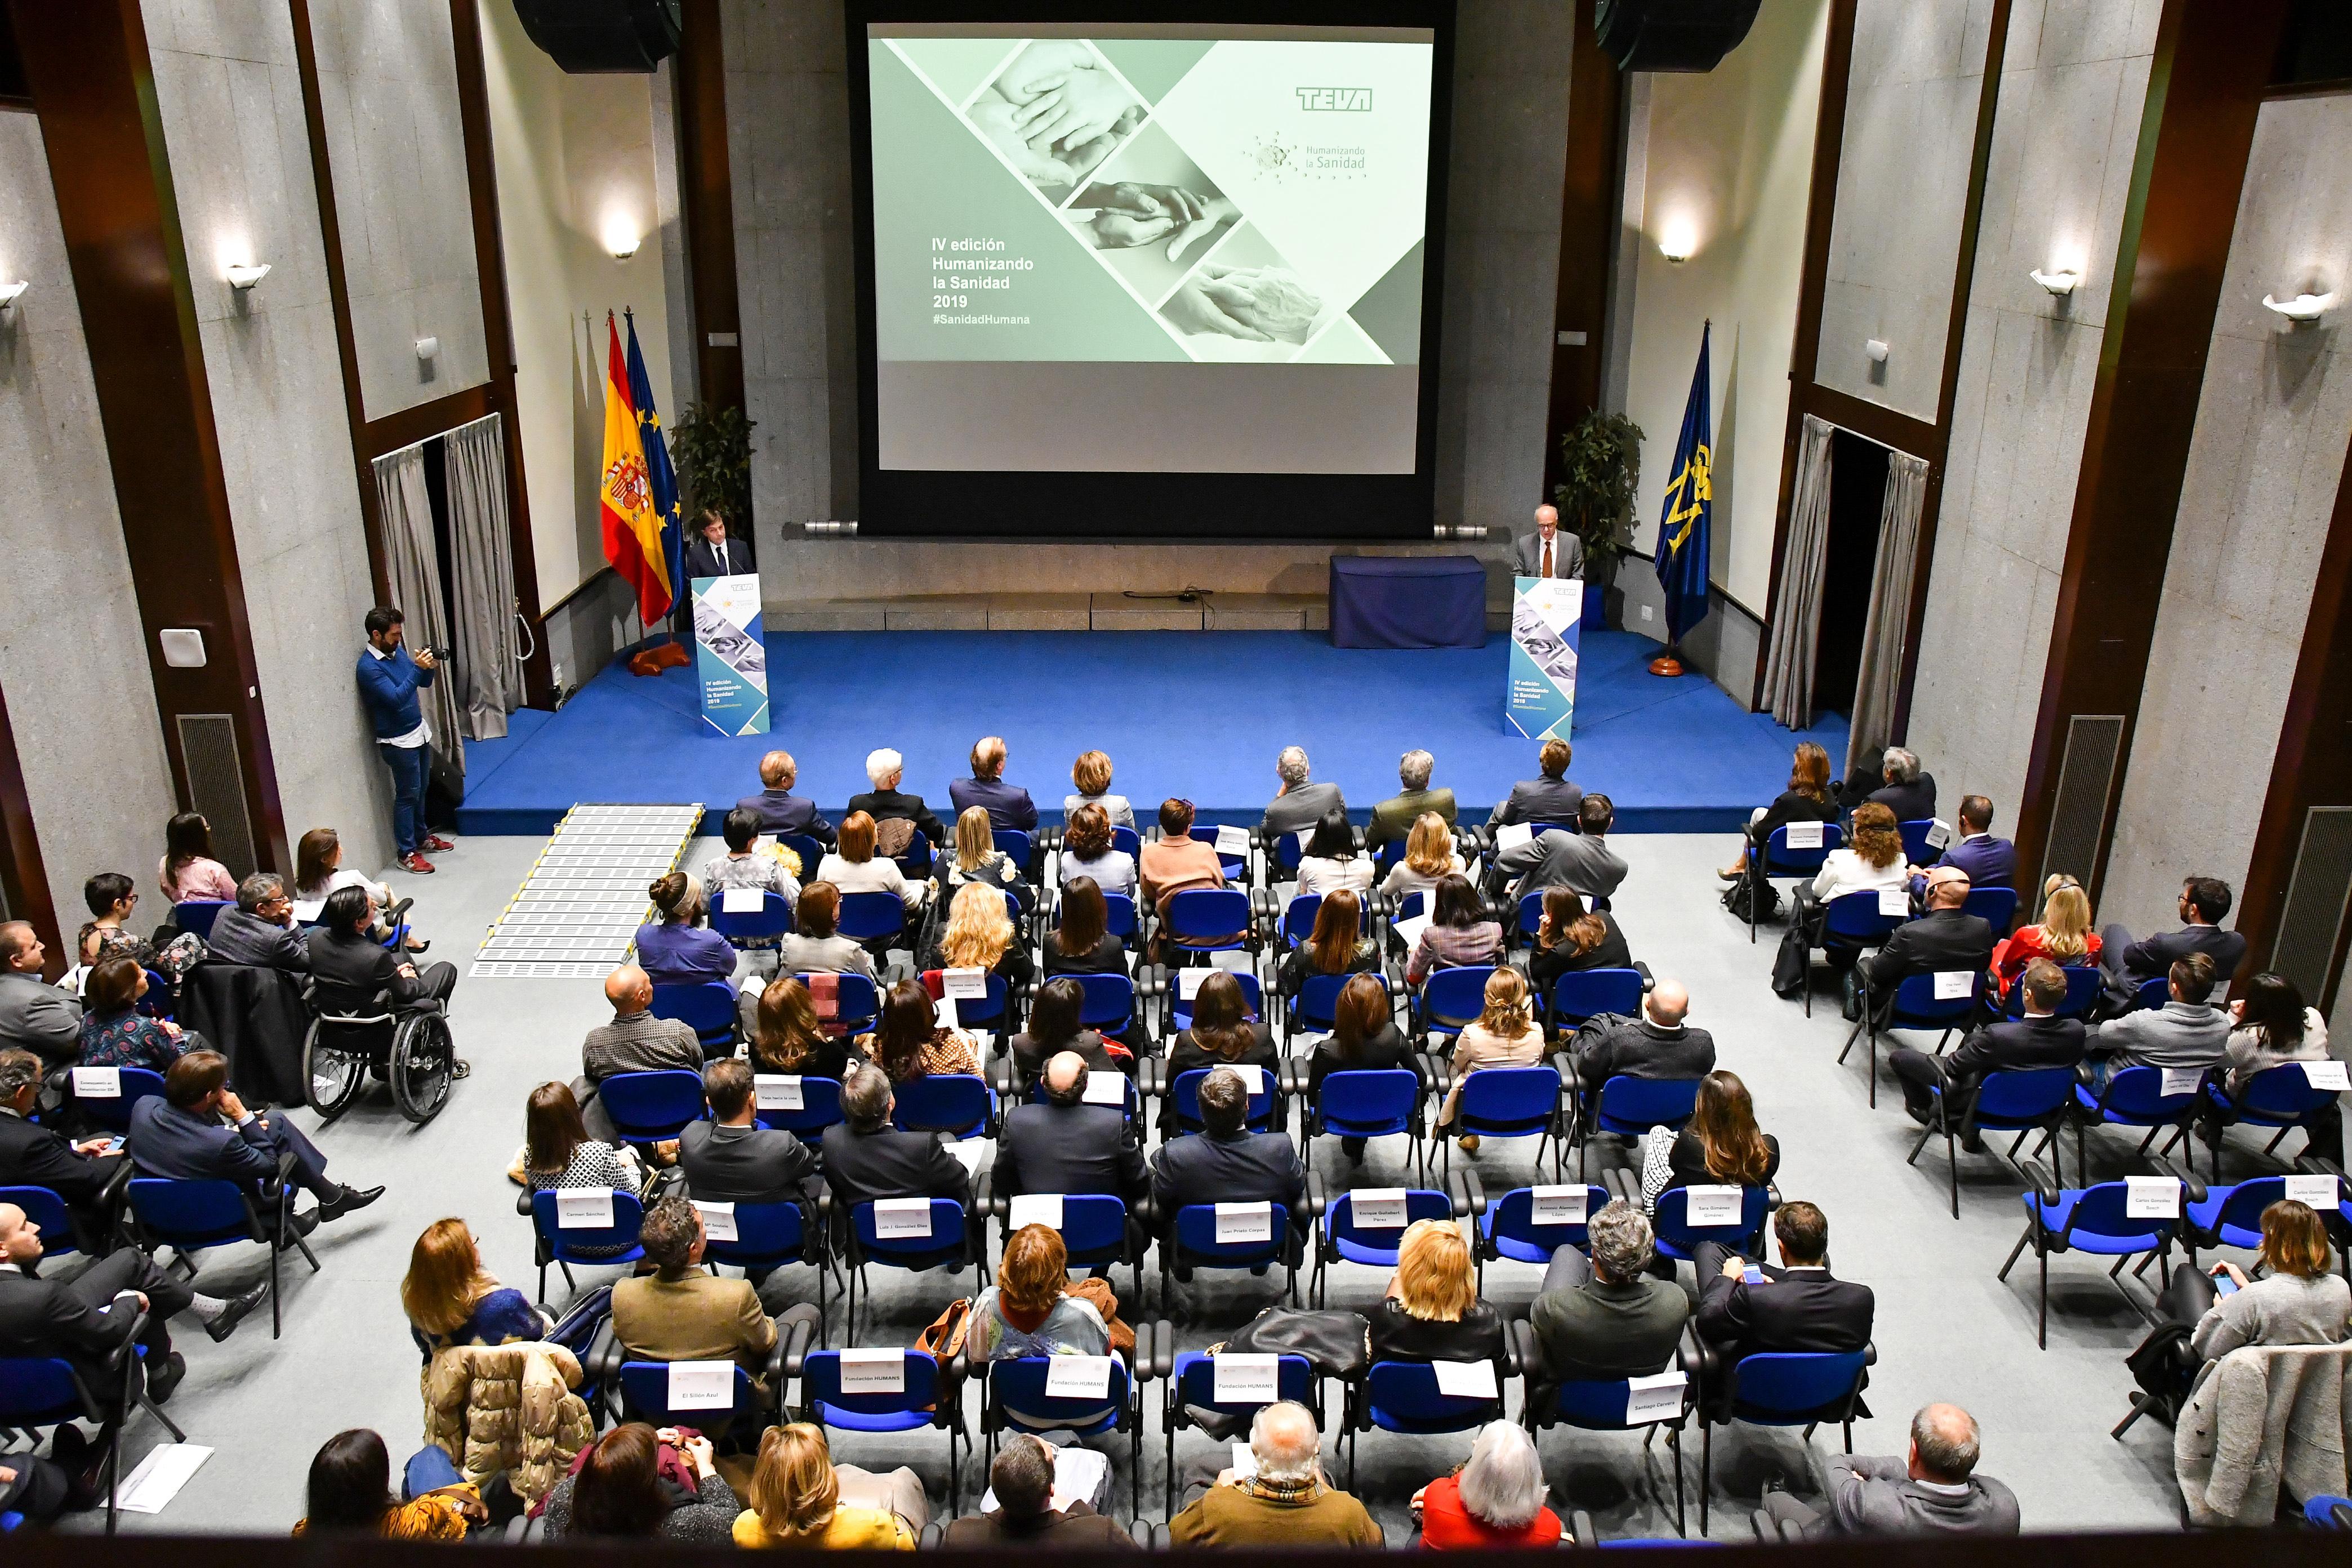 Foto del acto - Once nuevas iniciativas solidarias se unen a la familia de la sanidad humana de TEVA